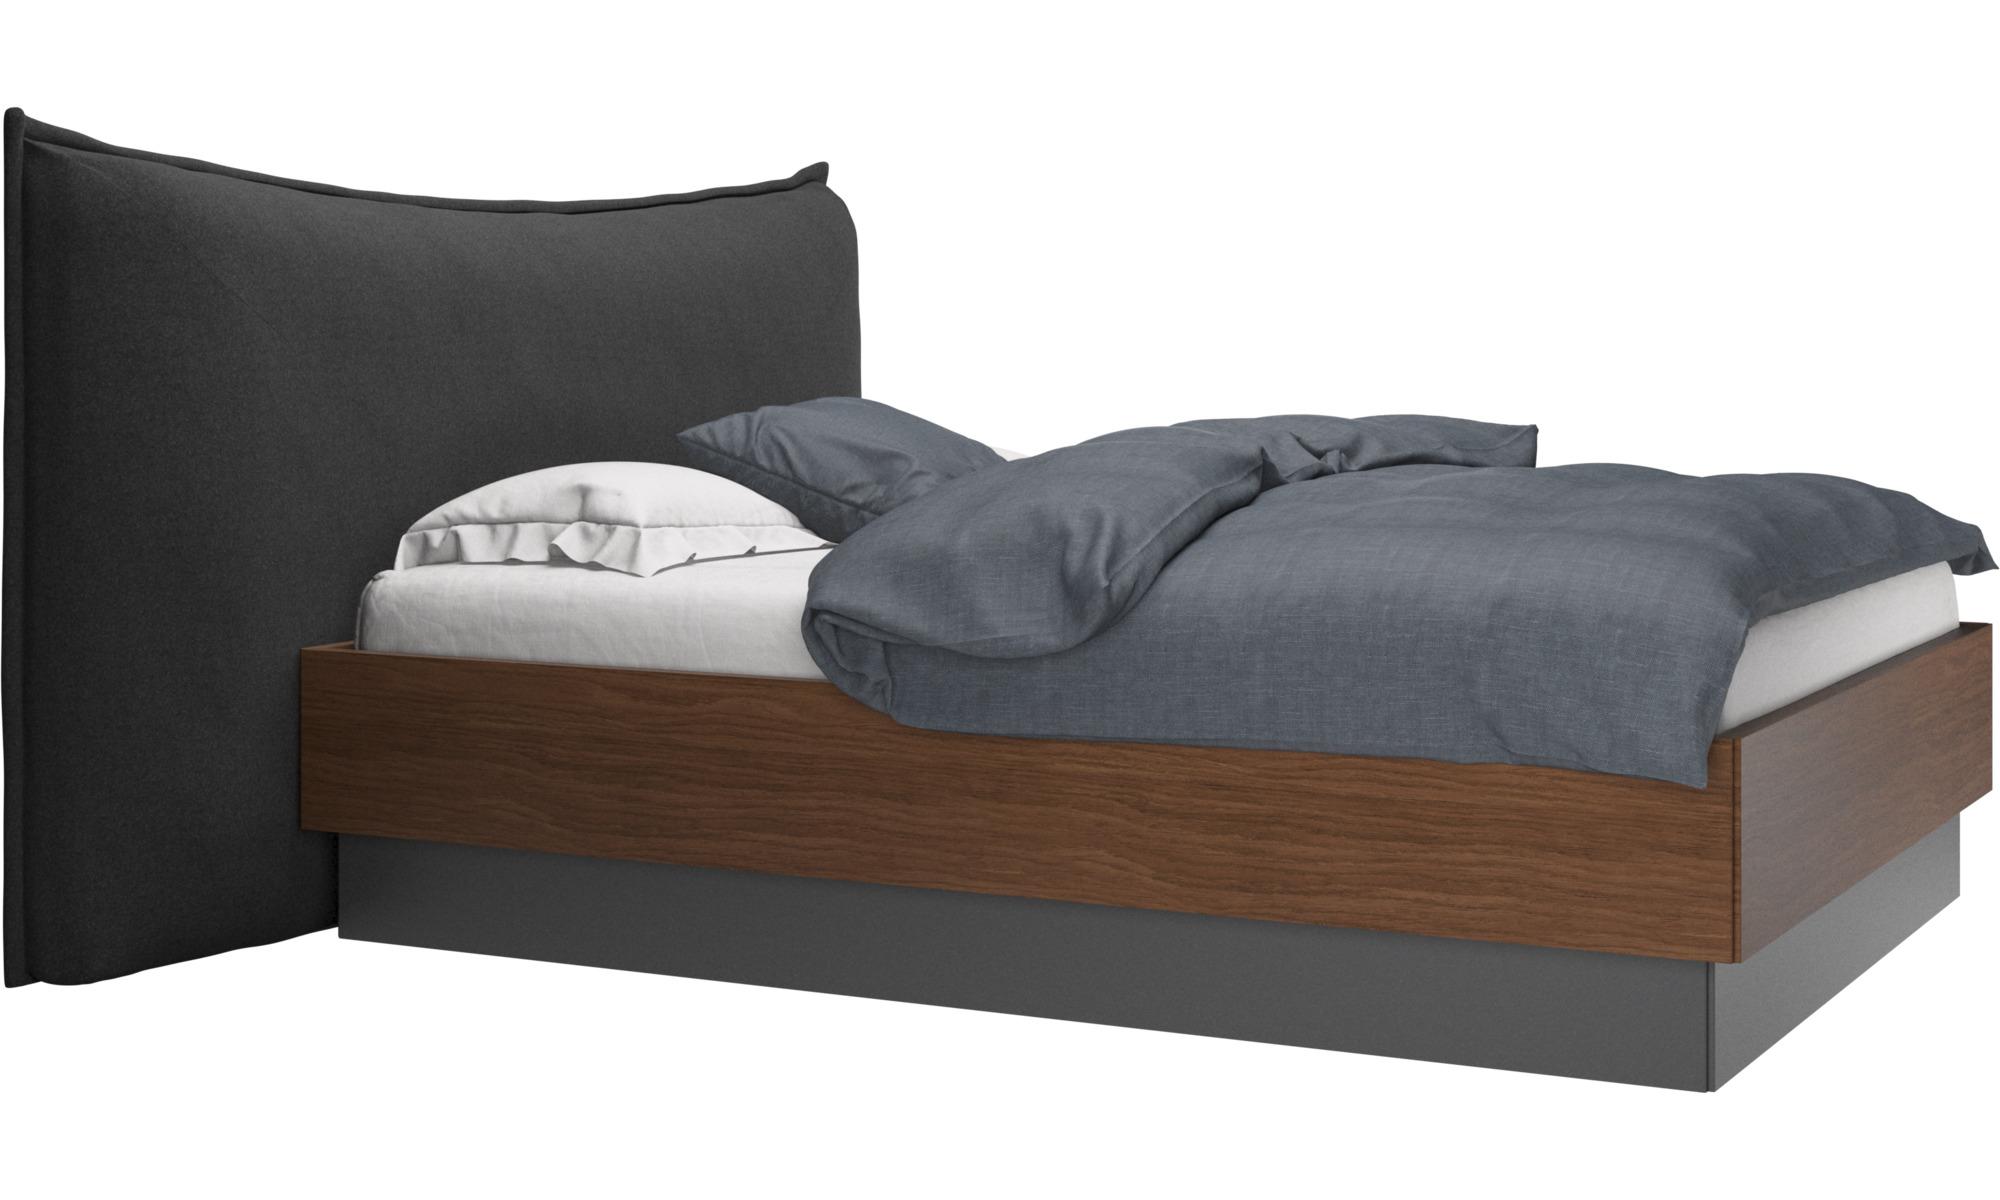 Camas - Cama con canapé, estructura elevable y tablado, no incluye colchón Gent - En gris - Tela